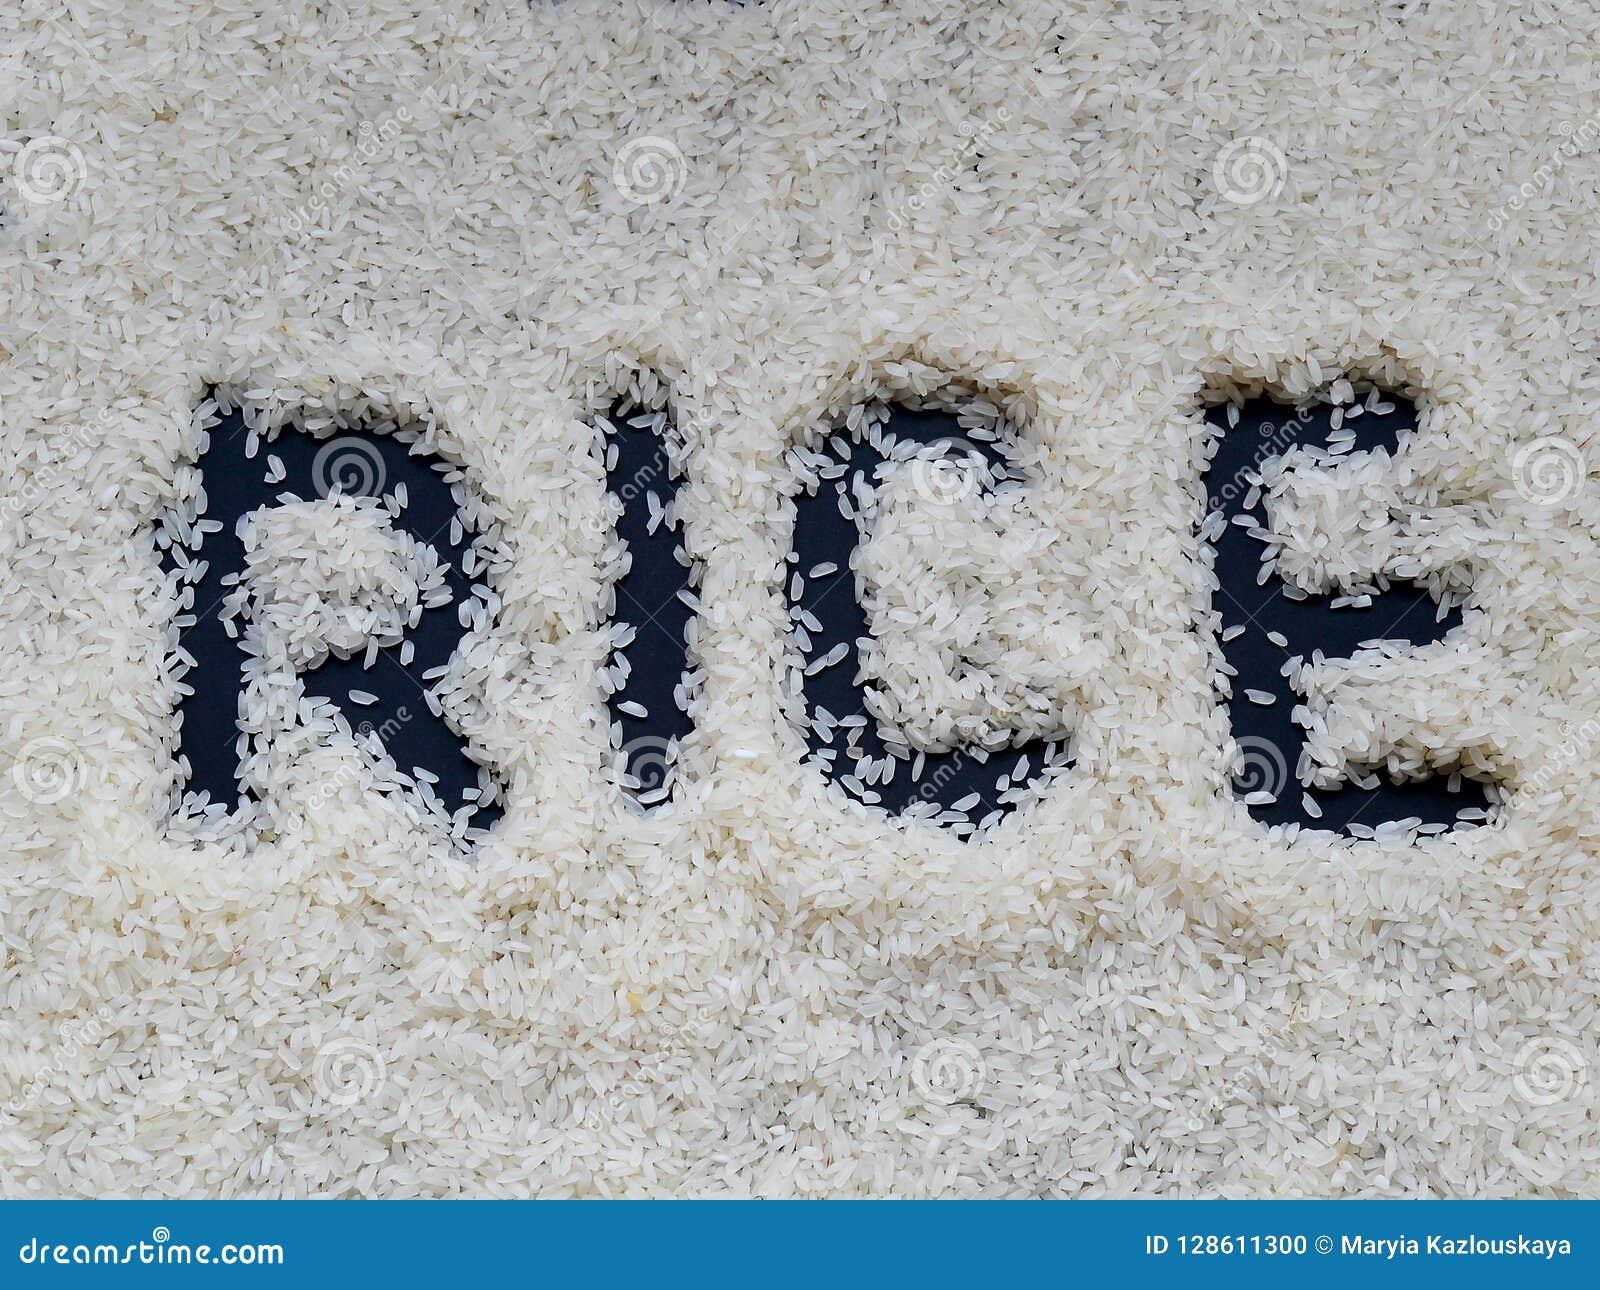 Το ρύζι ` λέξης ` που γράφεται με ένα δάχτυλο σε ένα στρώμα του άσπρου ακατέργαστου ρυζιού που βρίσκεται σε ένα σκοτεινό υπόβαθρο